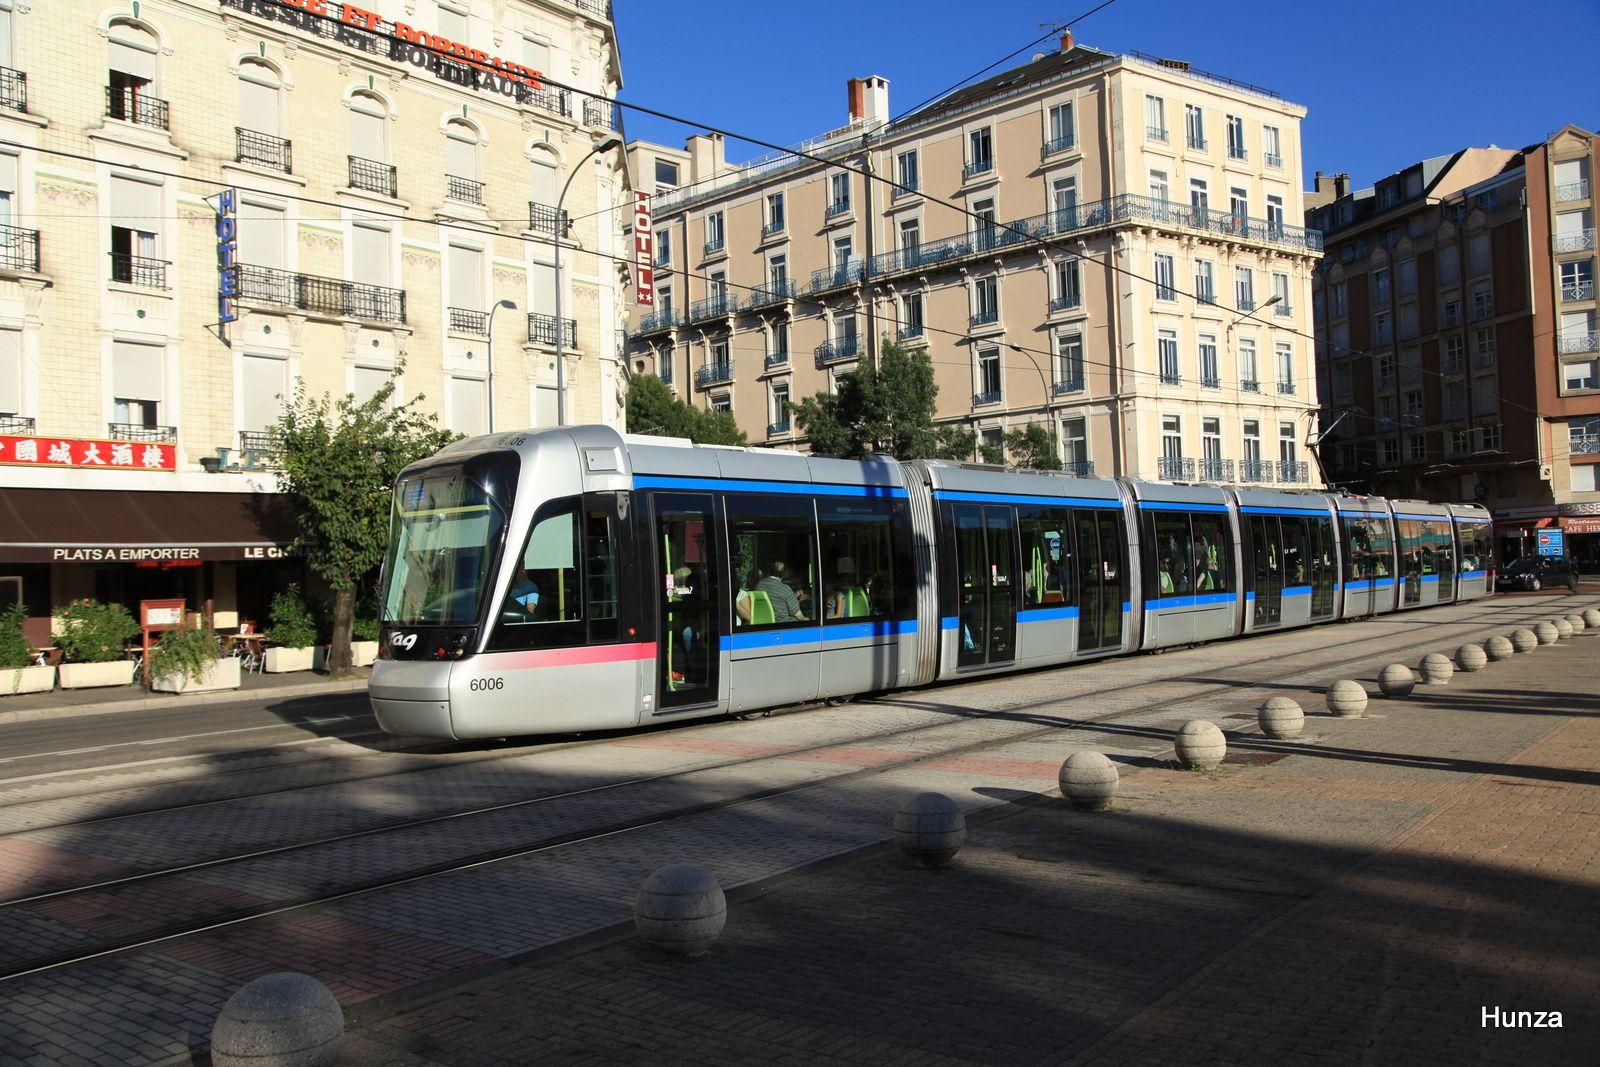 Place de la gare SNCF